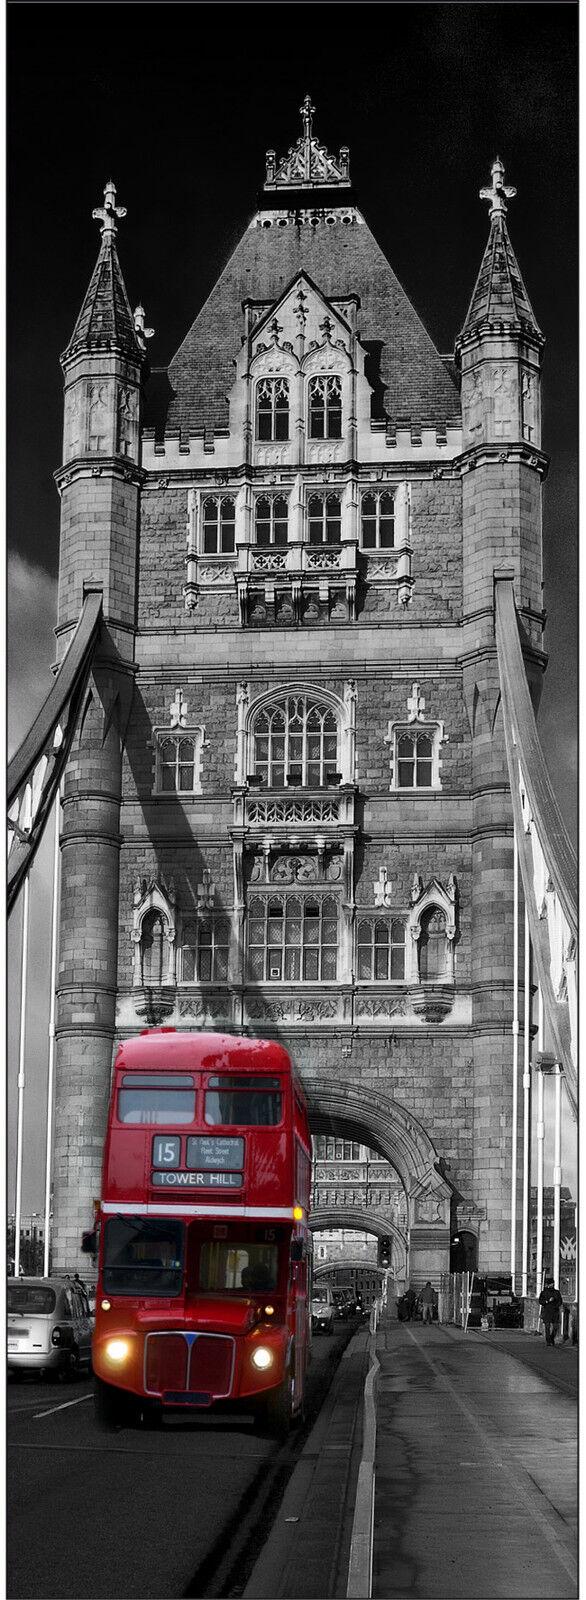 Adhesivo Puerta Decoración Trampantojo Londres Puente Autobús Ref 614 (4 Tallas